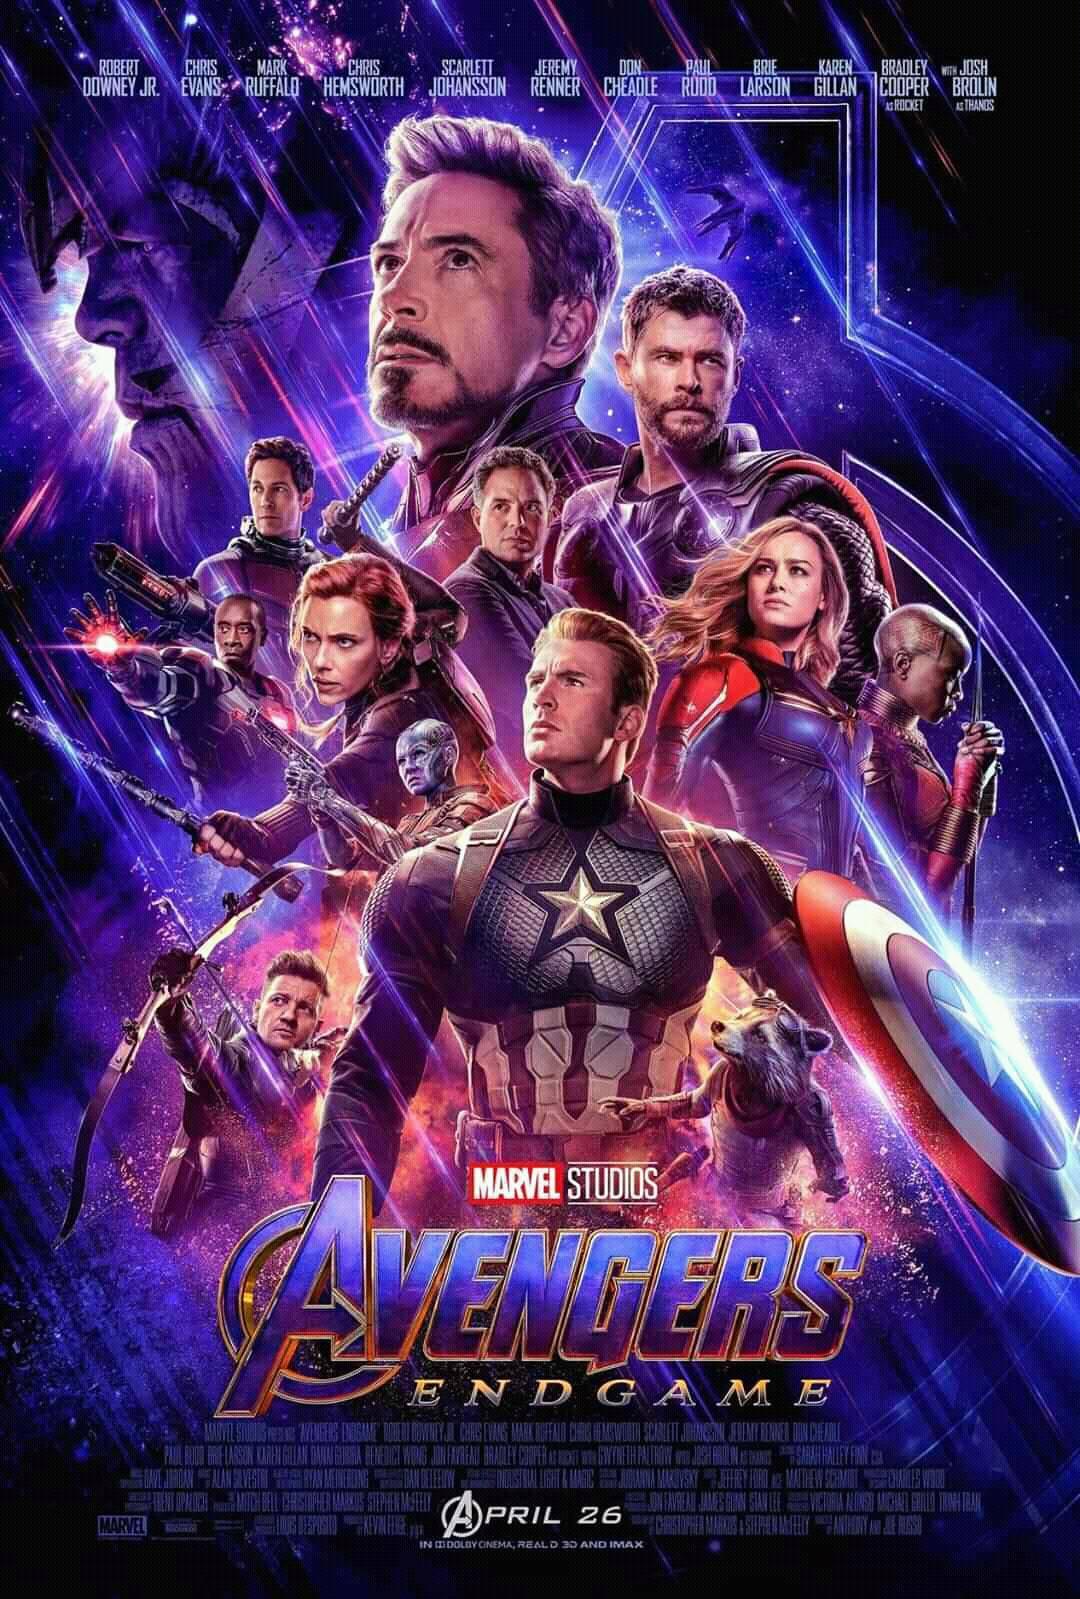 Avengers: Endgame - 2019 Marvel Studios Full Movie Free Online